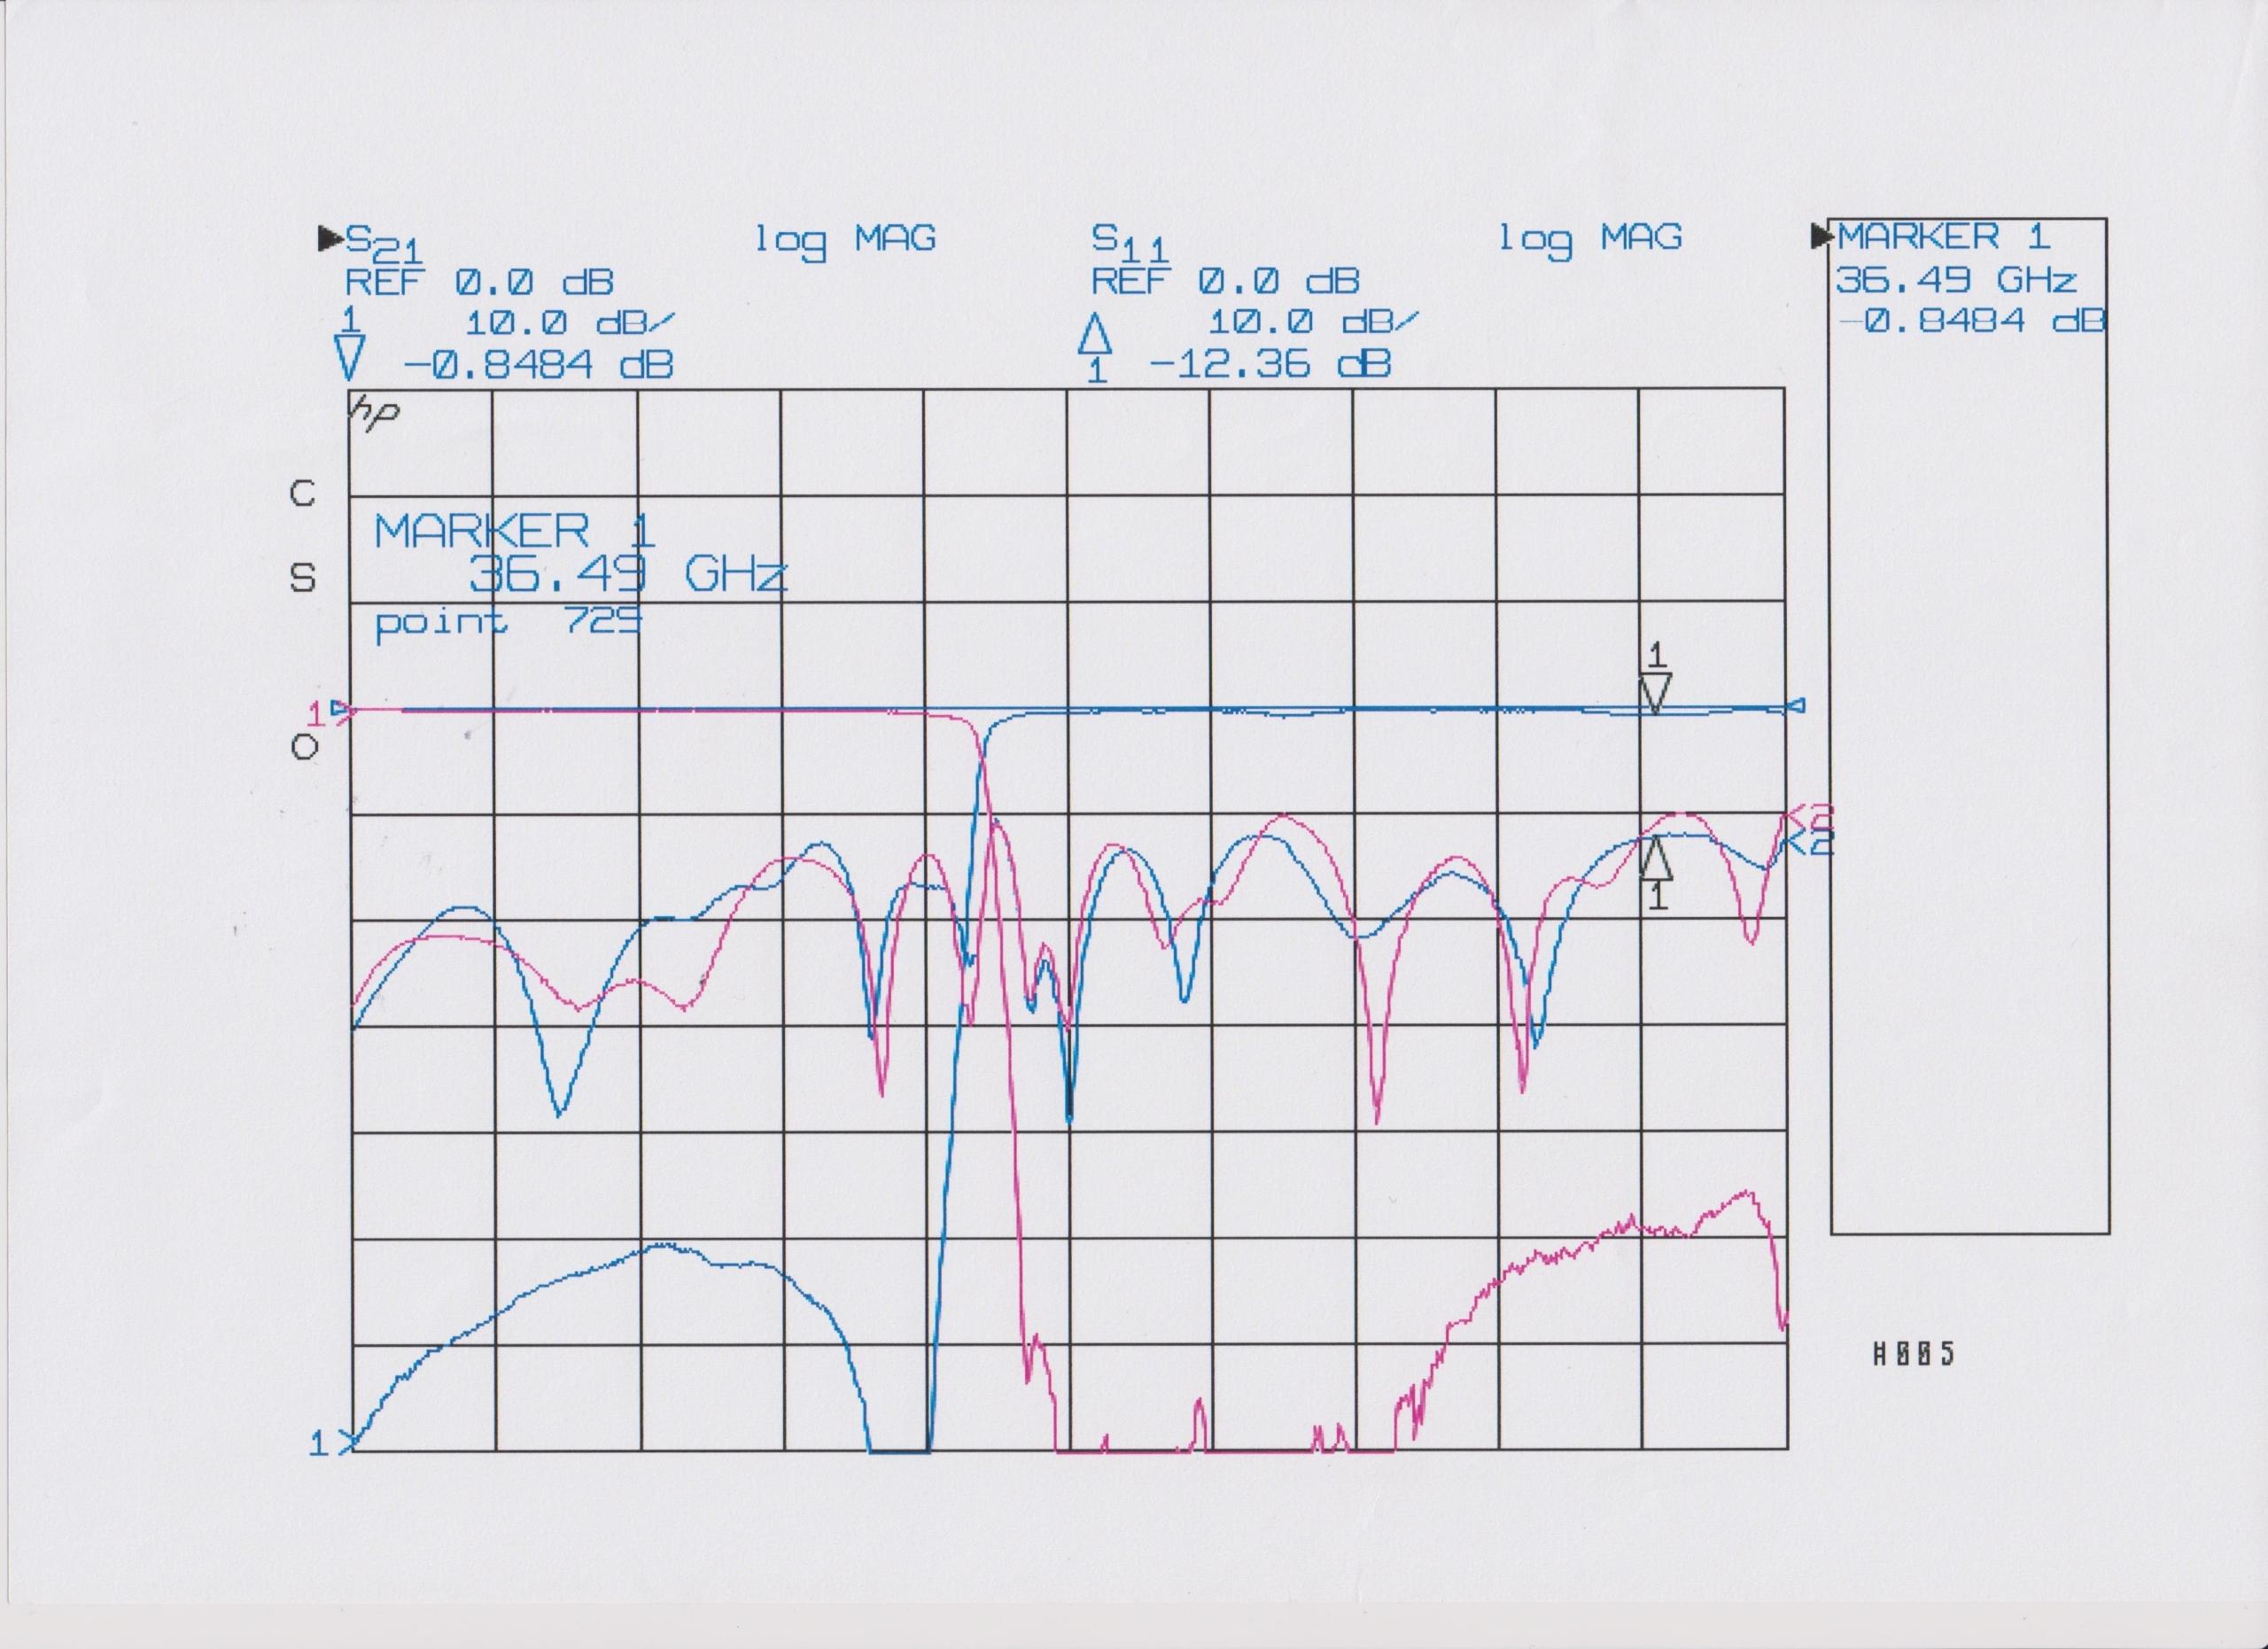 Diplexer 18 - 40 GHz